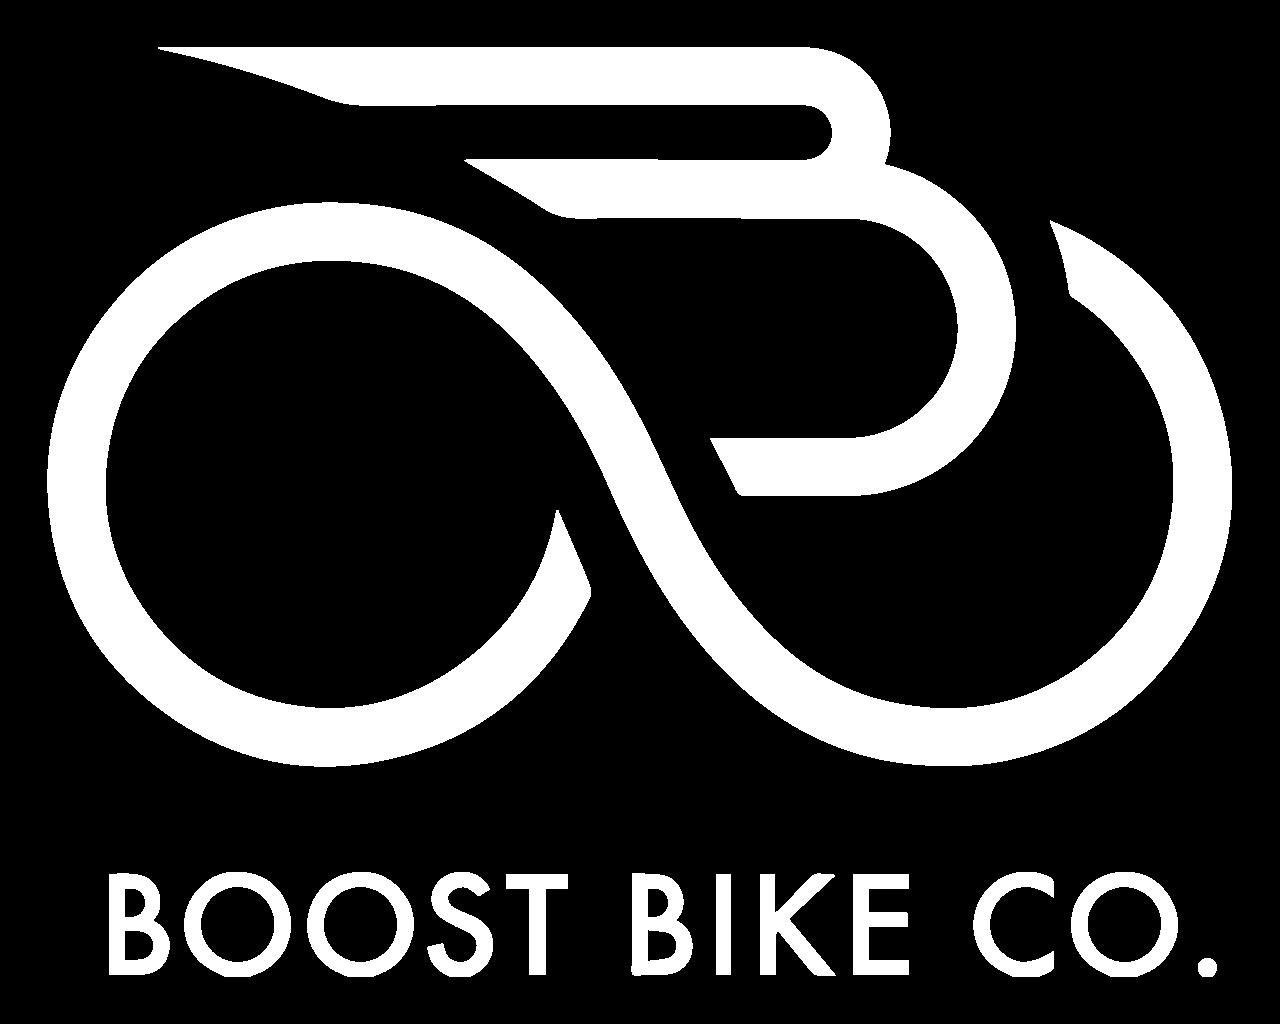 Boost-Bike-Co-(white).png